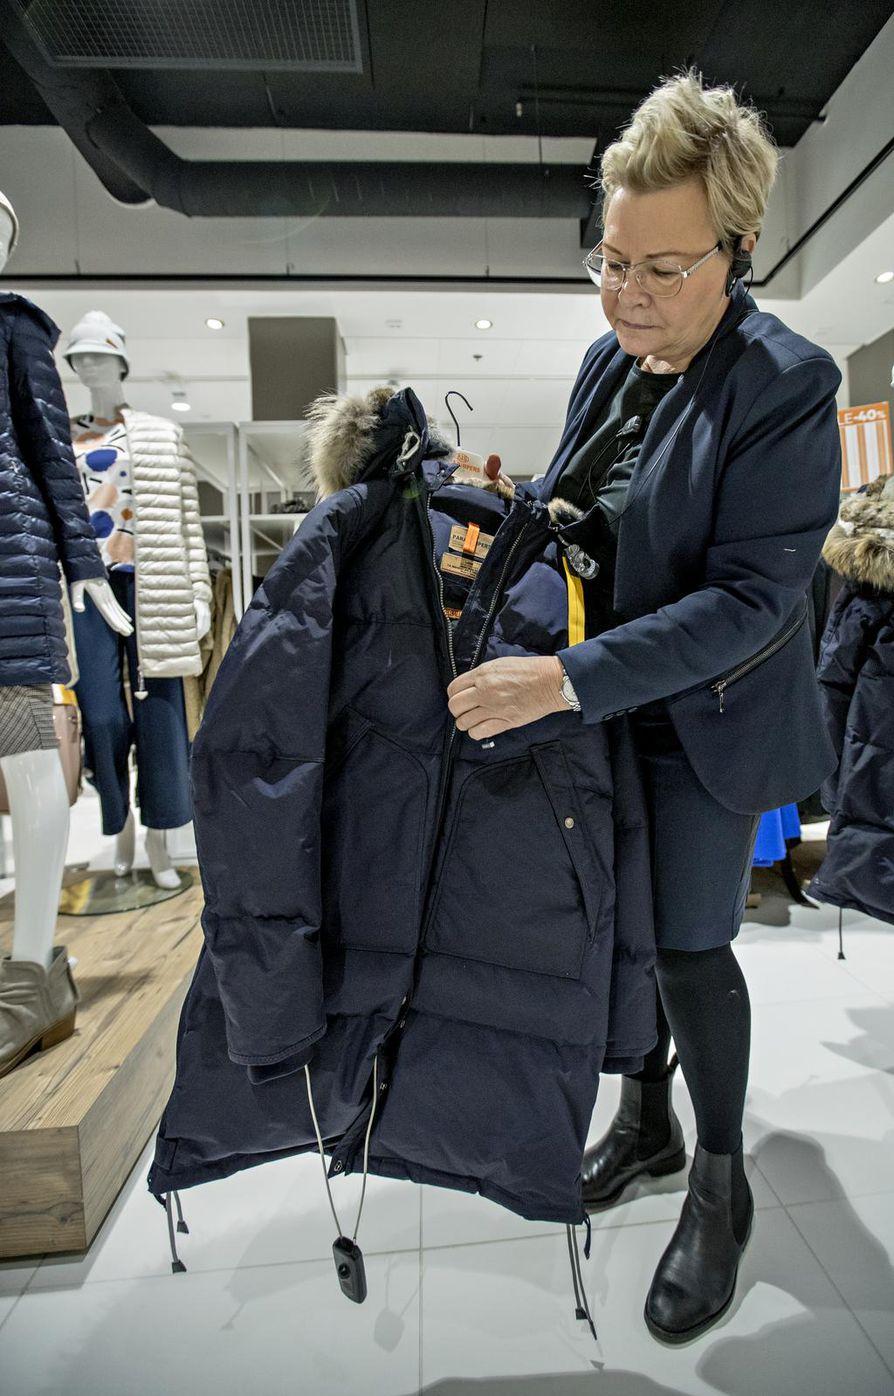 Sokoksen Liisa Lumme kertoo, että edullisempien ja kalliimpien talvitakkien vetoketjujen laadussa ei juuri ole eroa, sillä vetoketjujen valmistajat ovat usein samoja.